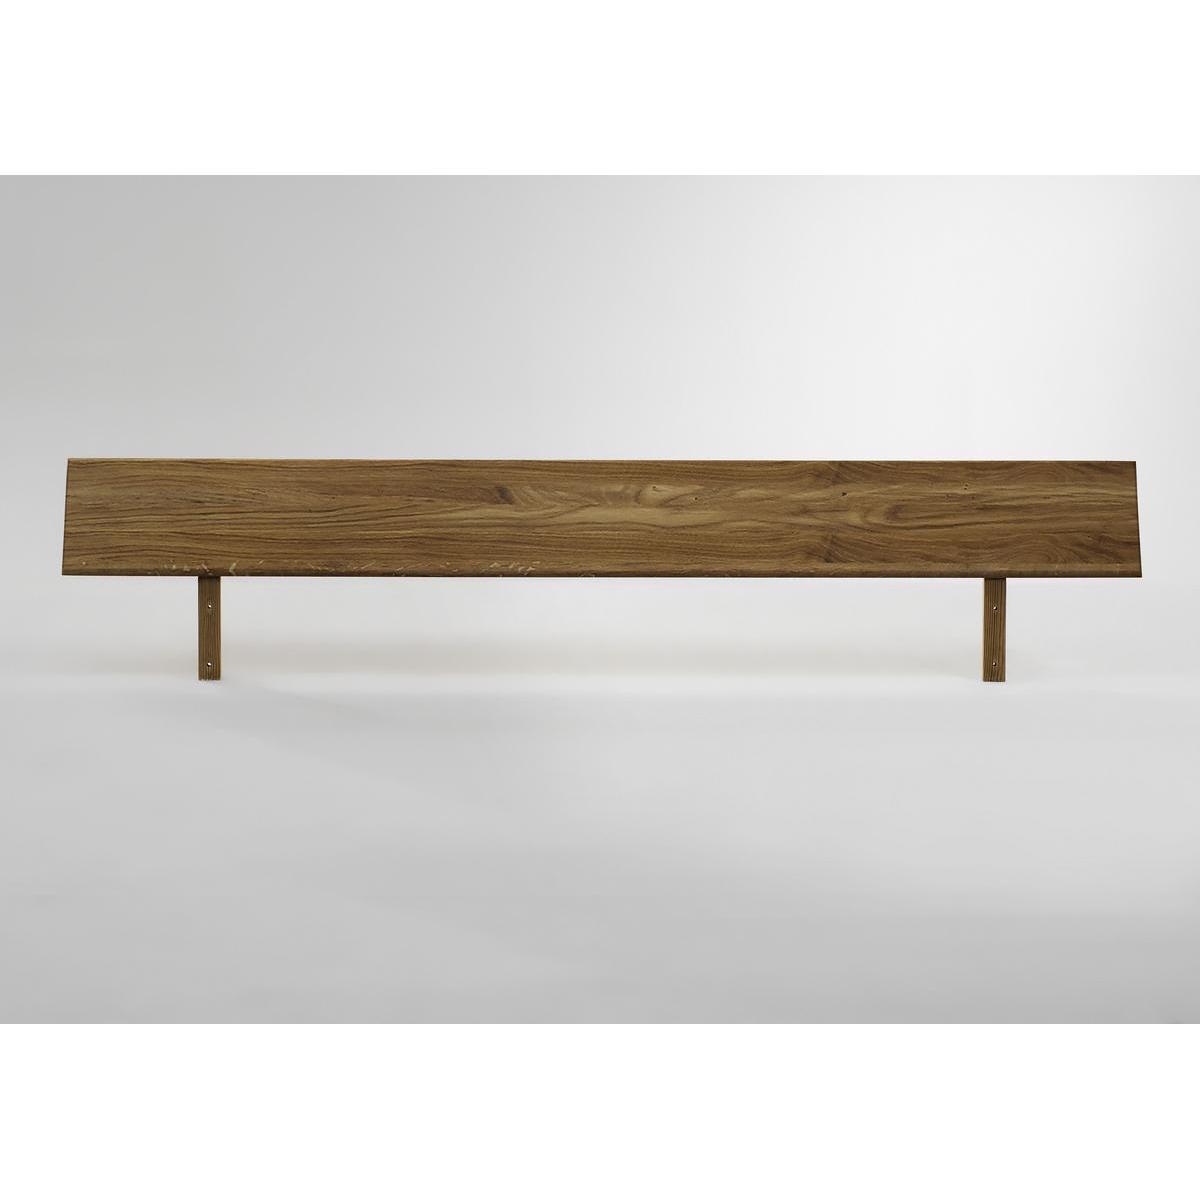 bett ohne kopfteil 140x200 stunning ohne kopfteil wildeiche gelt jetzt bestellen unter with. Black Bedroom Furniture Sets. Home Design Ideas